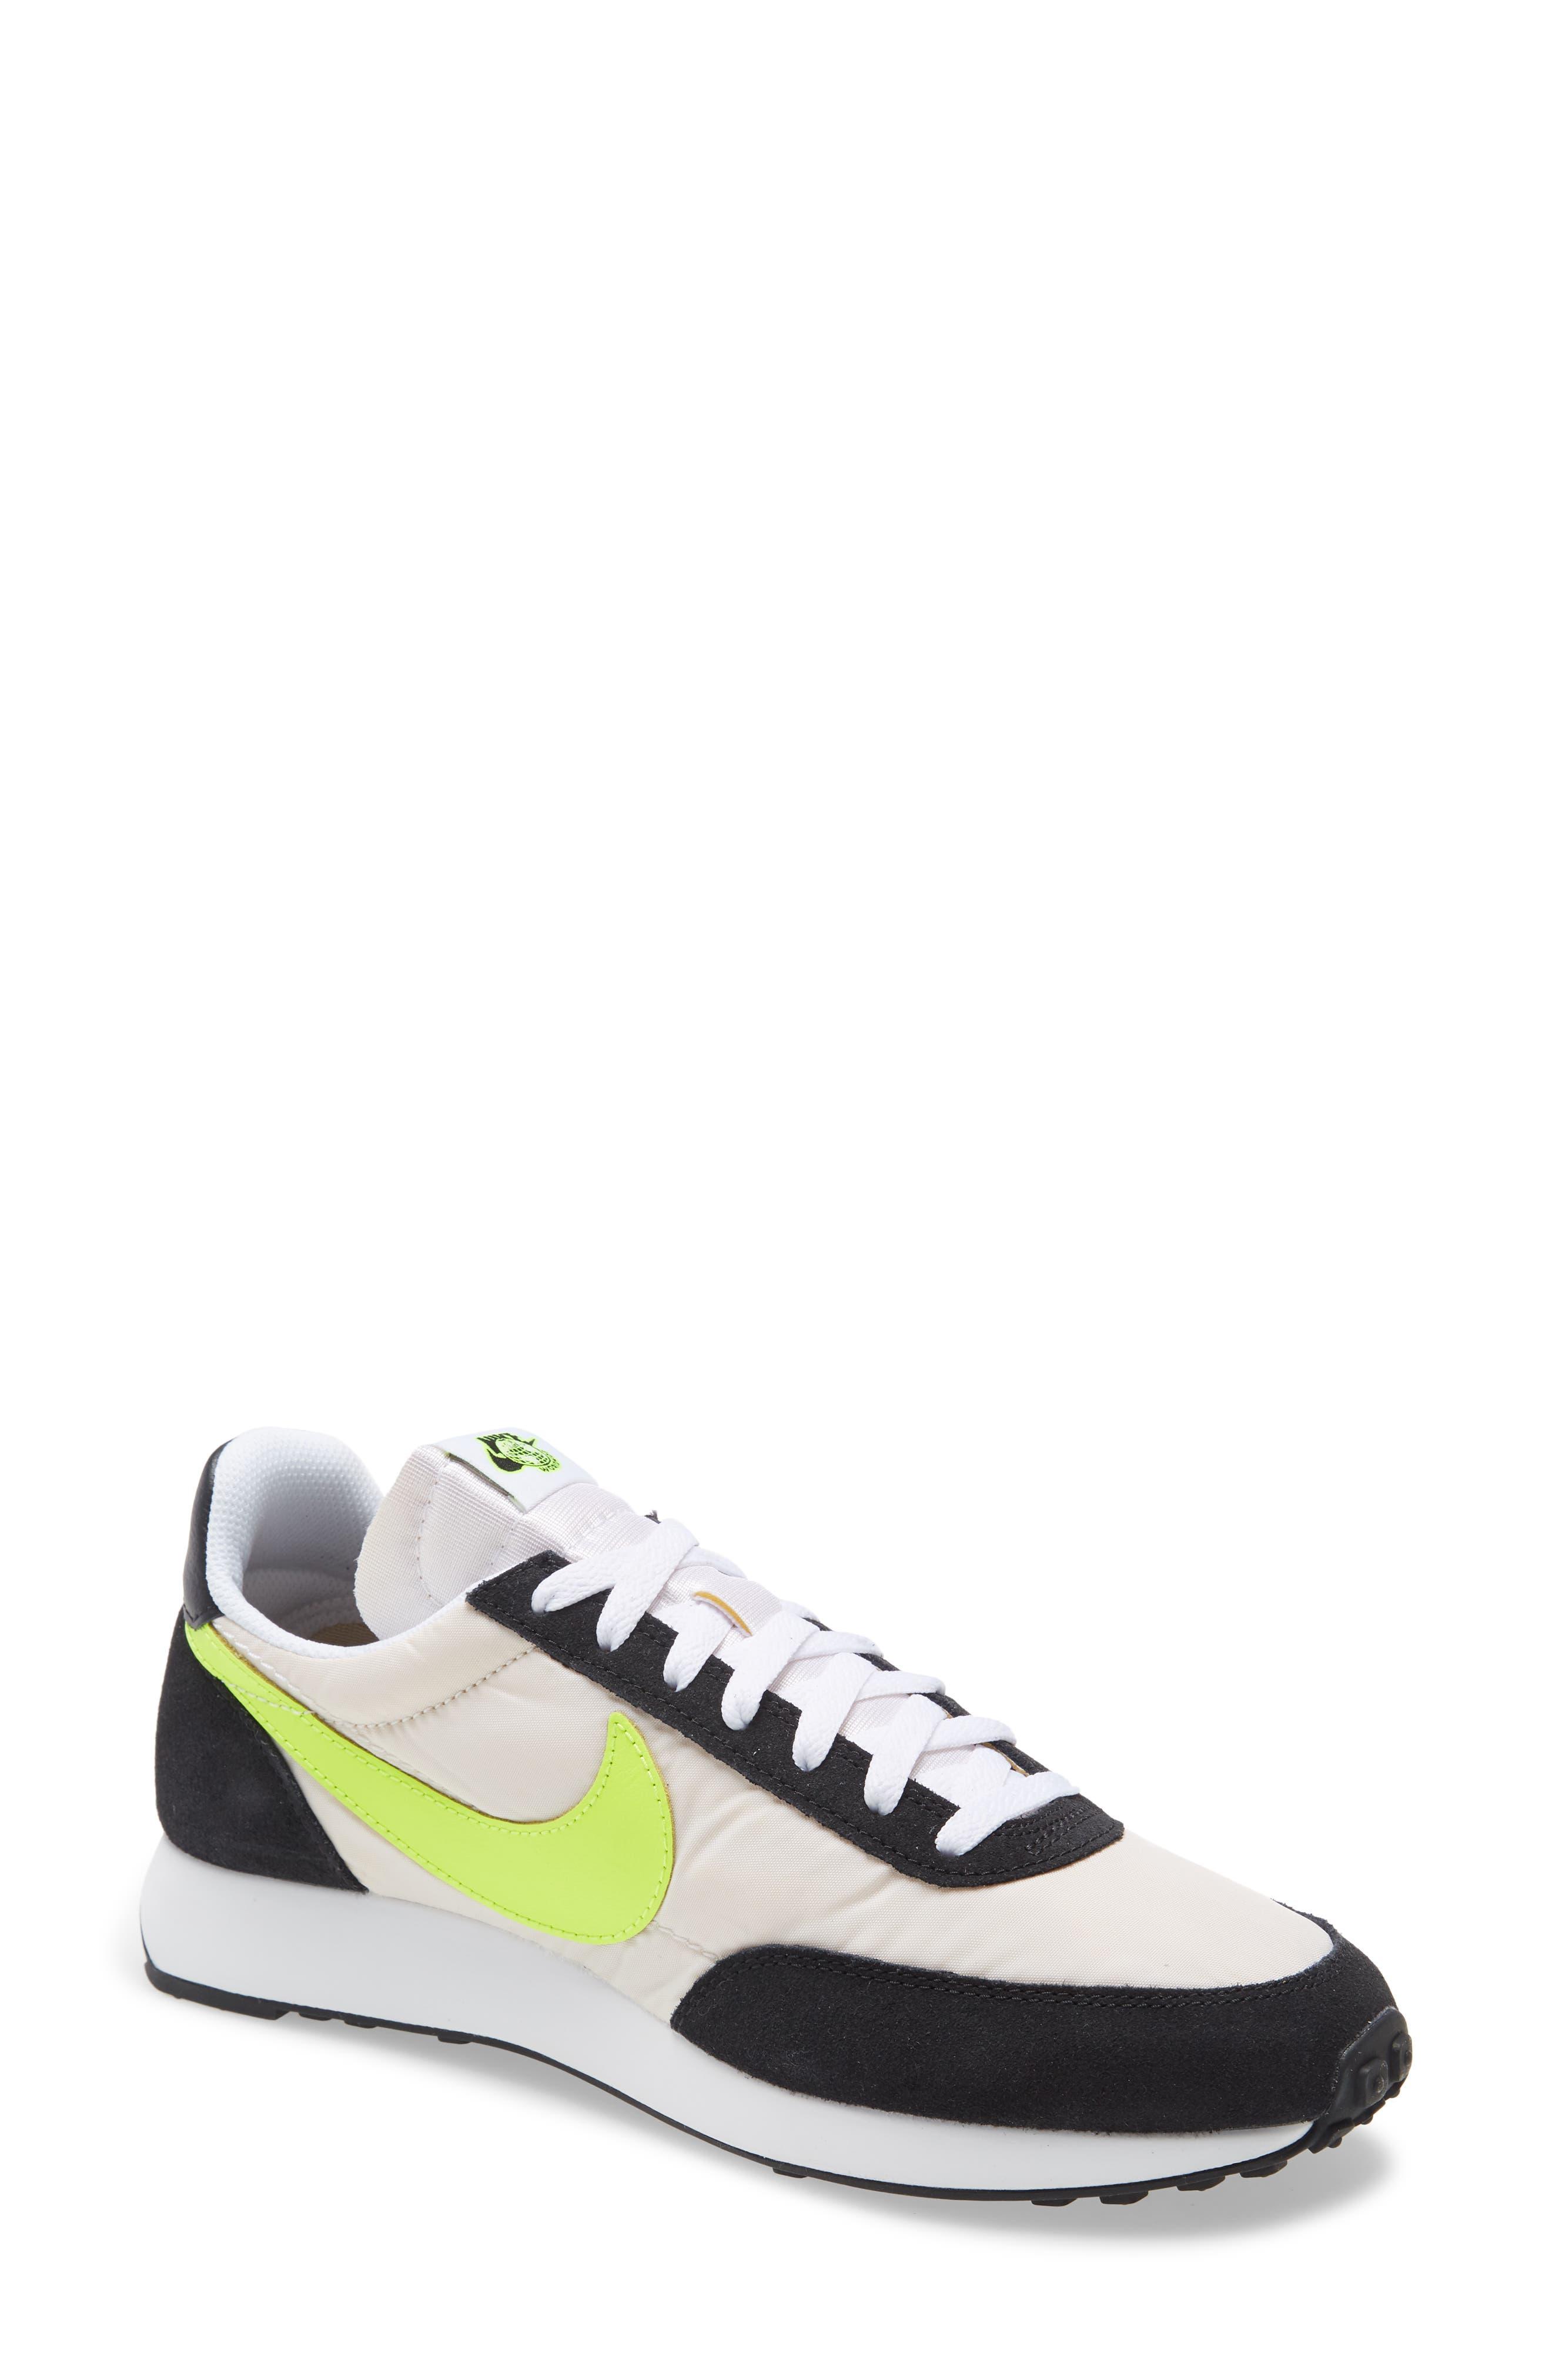 Men's Nike Air Tailwind 79 Ww Sneaker